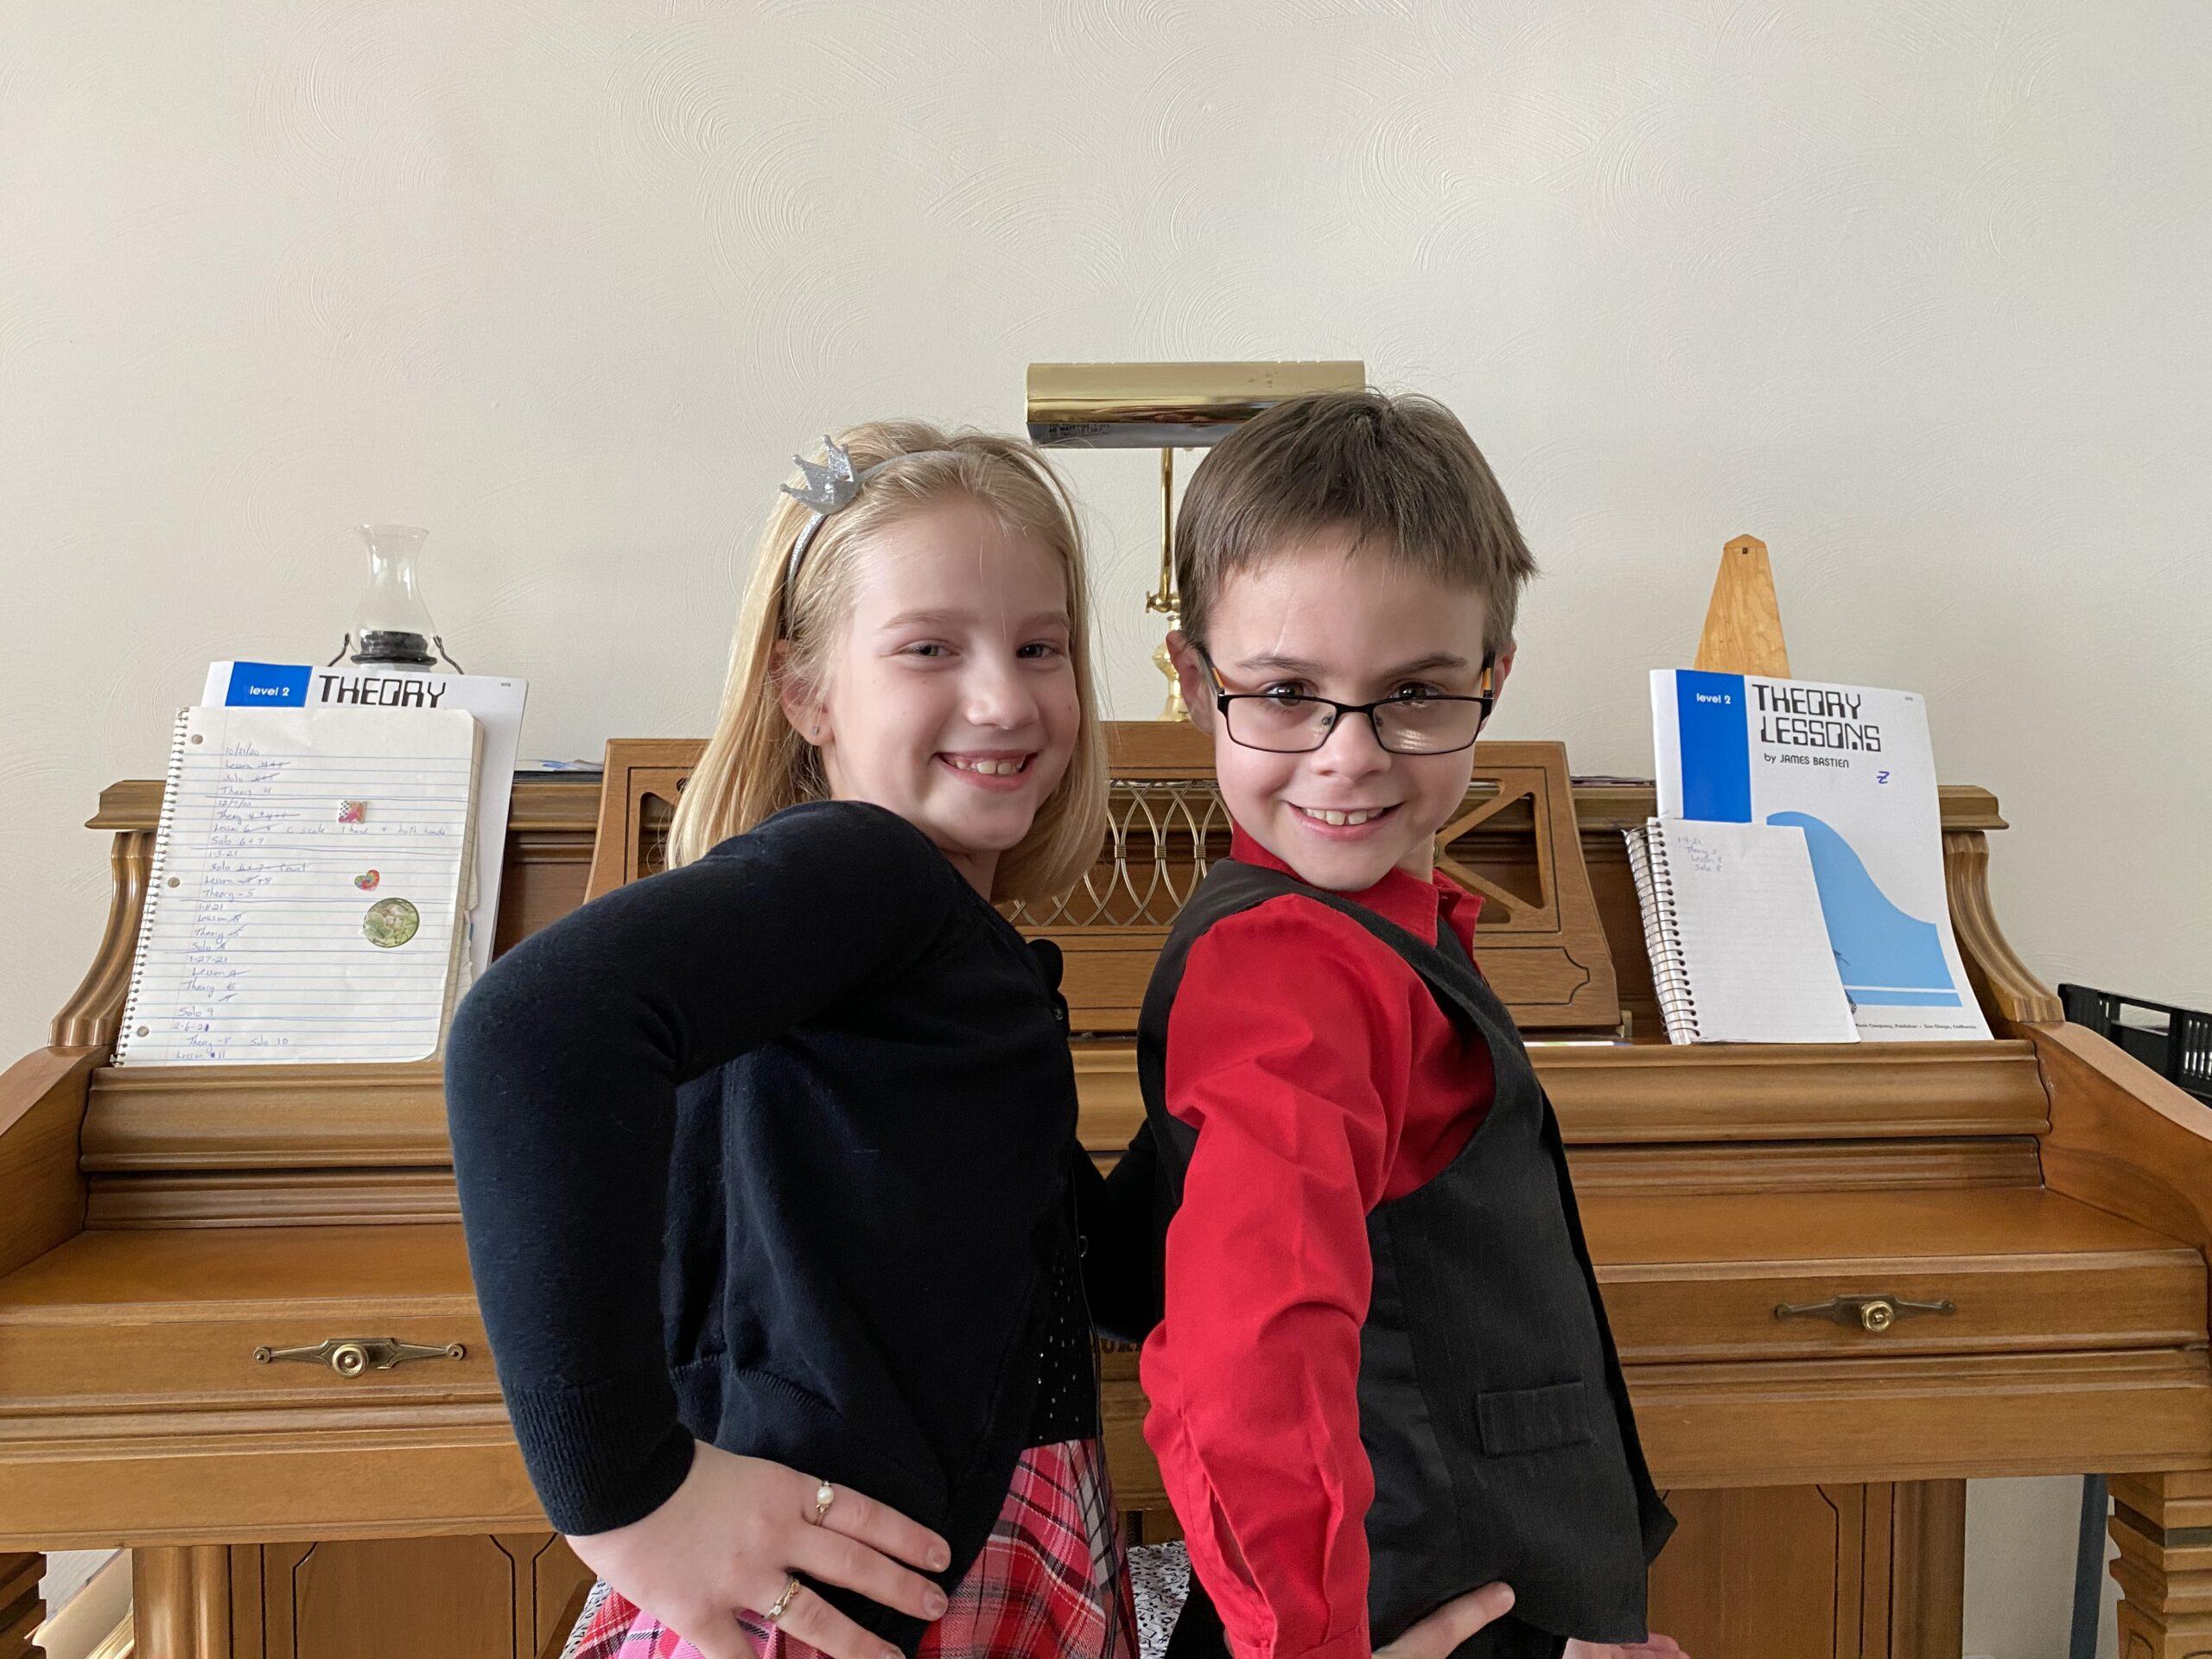 Zander and Helaina